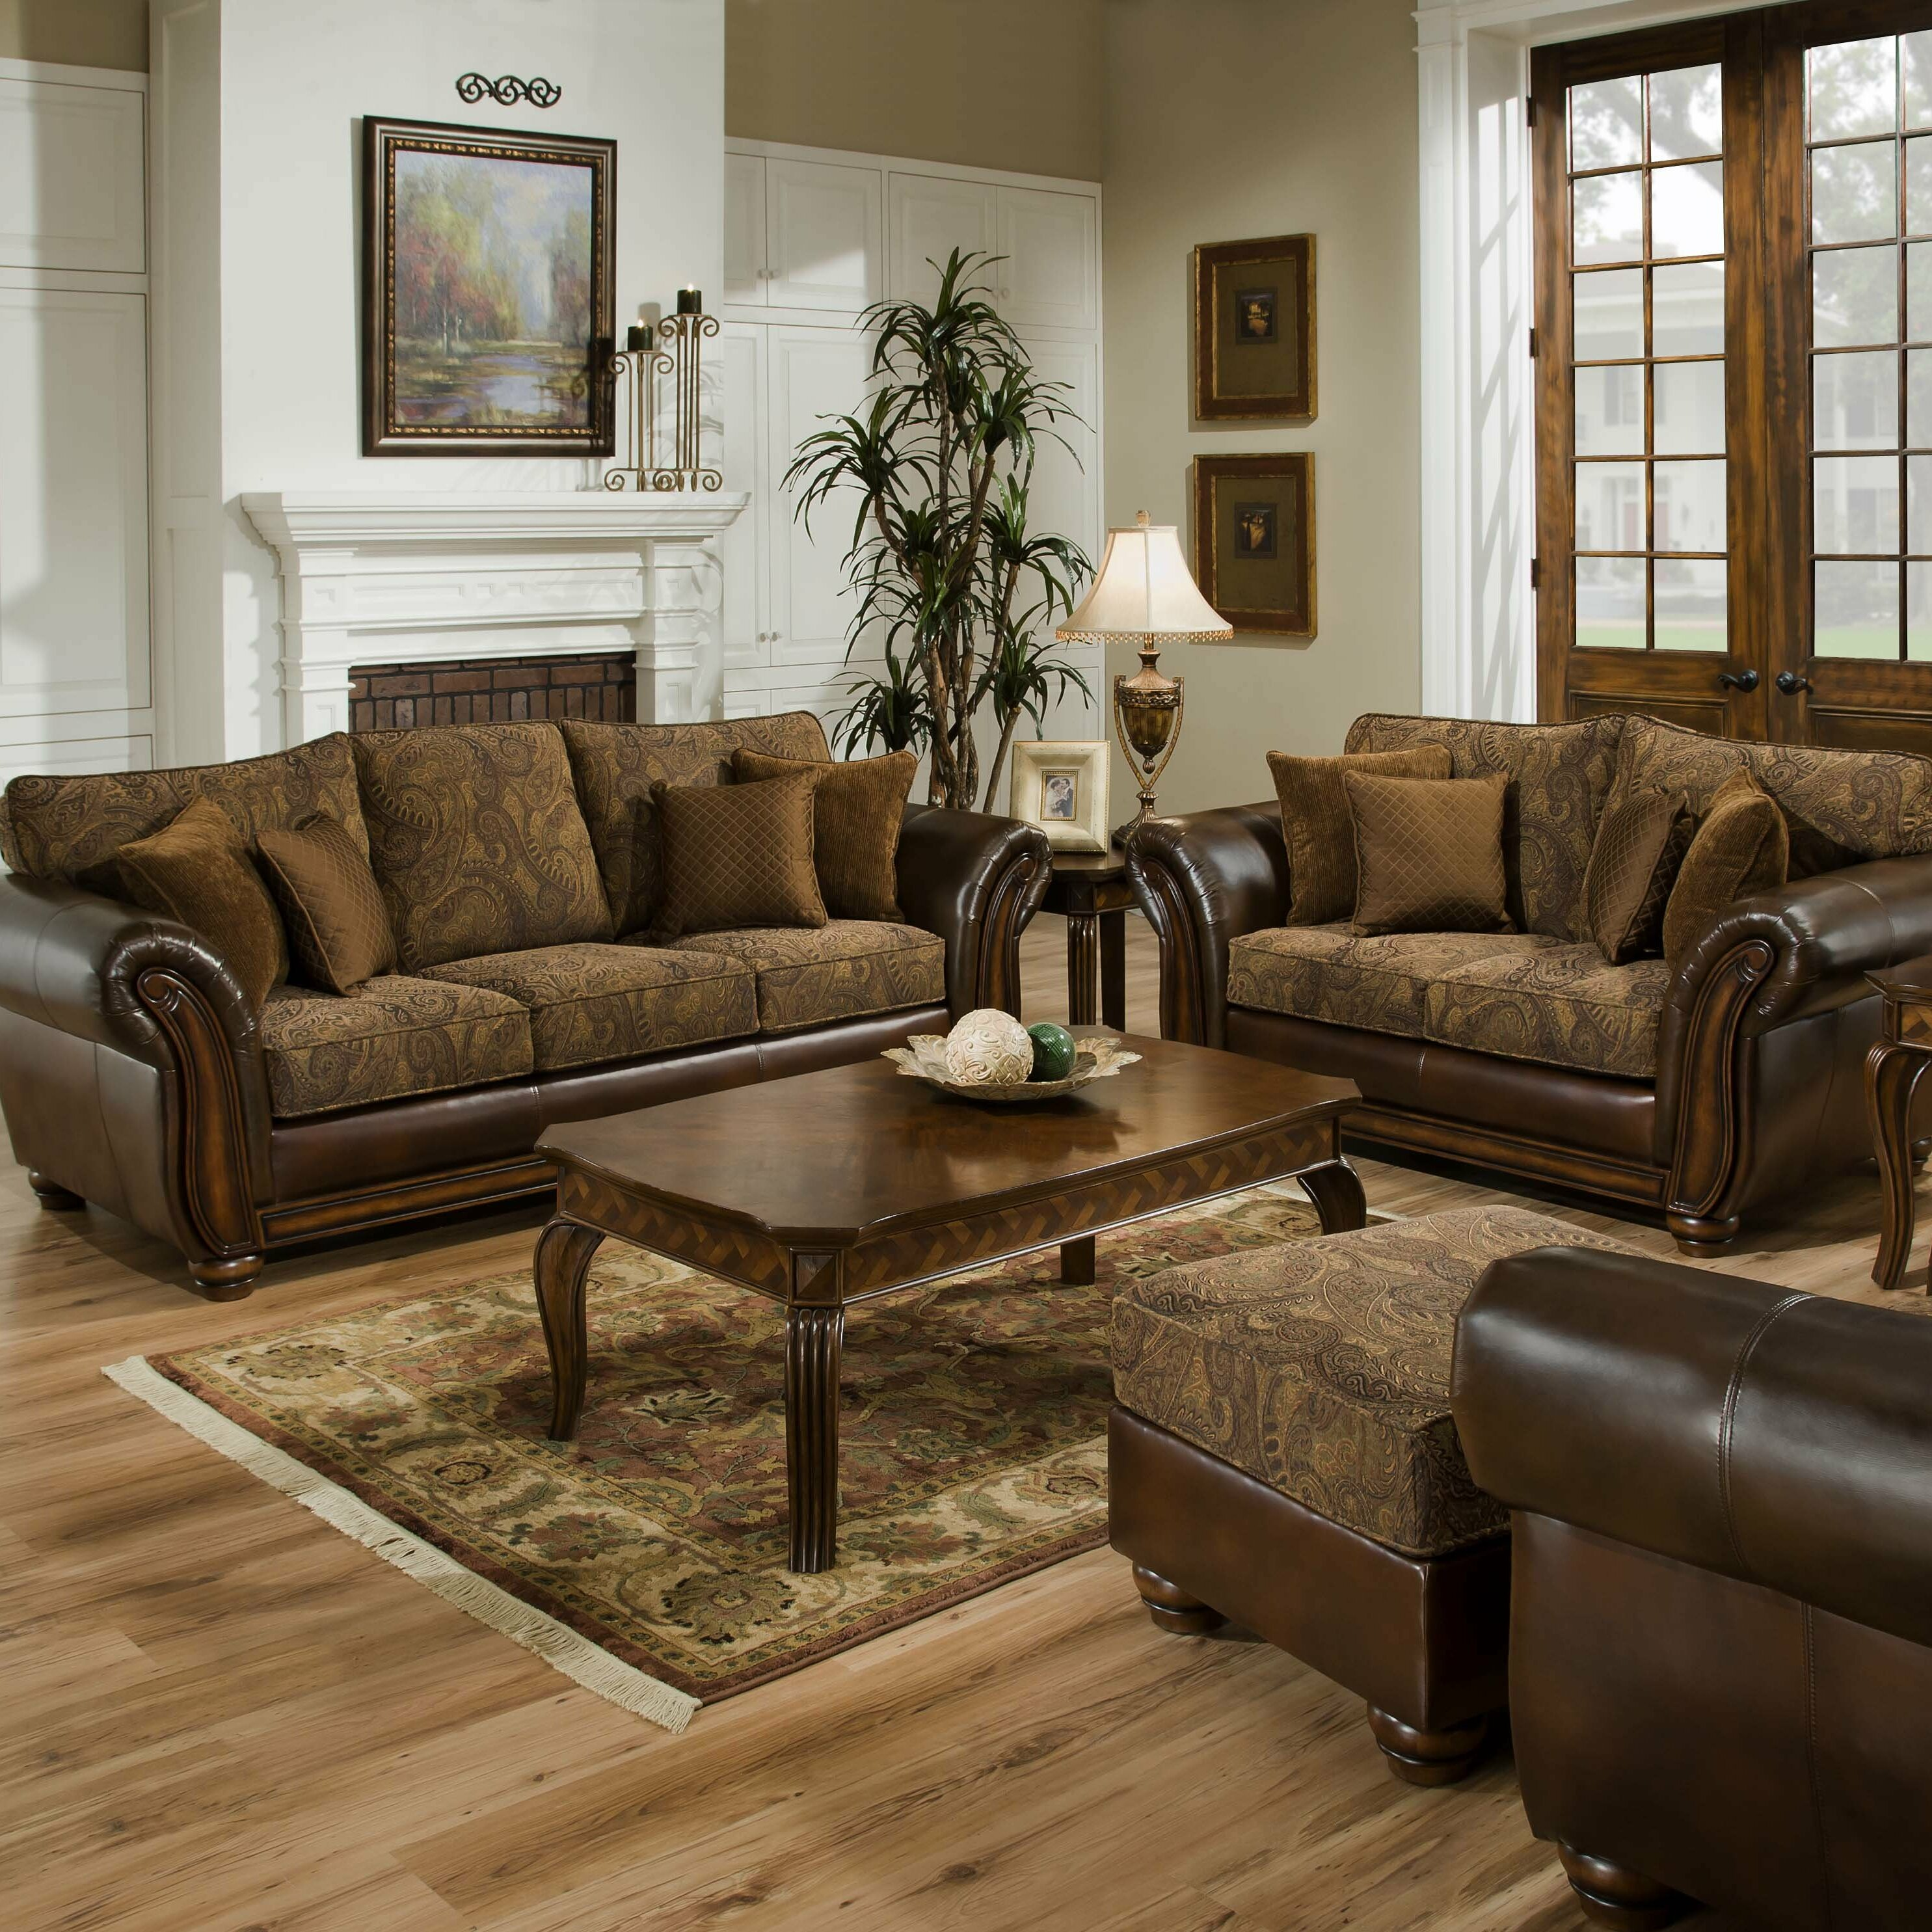 dining room living index complete furniture sets menu herbach htm